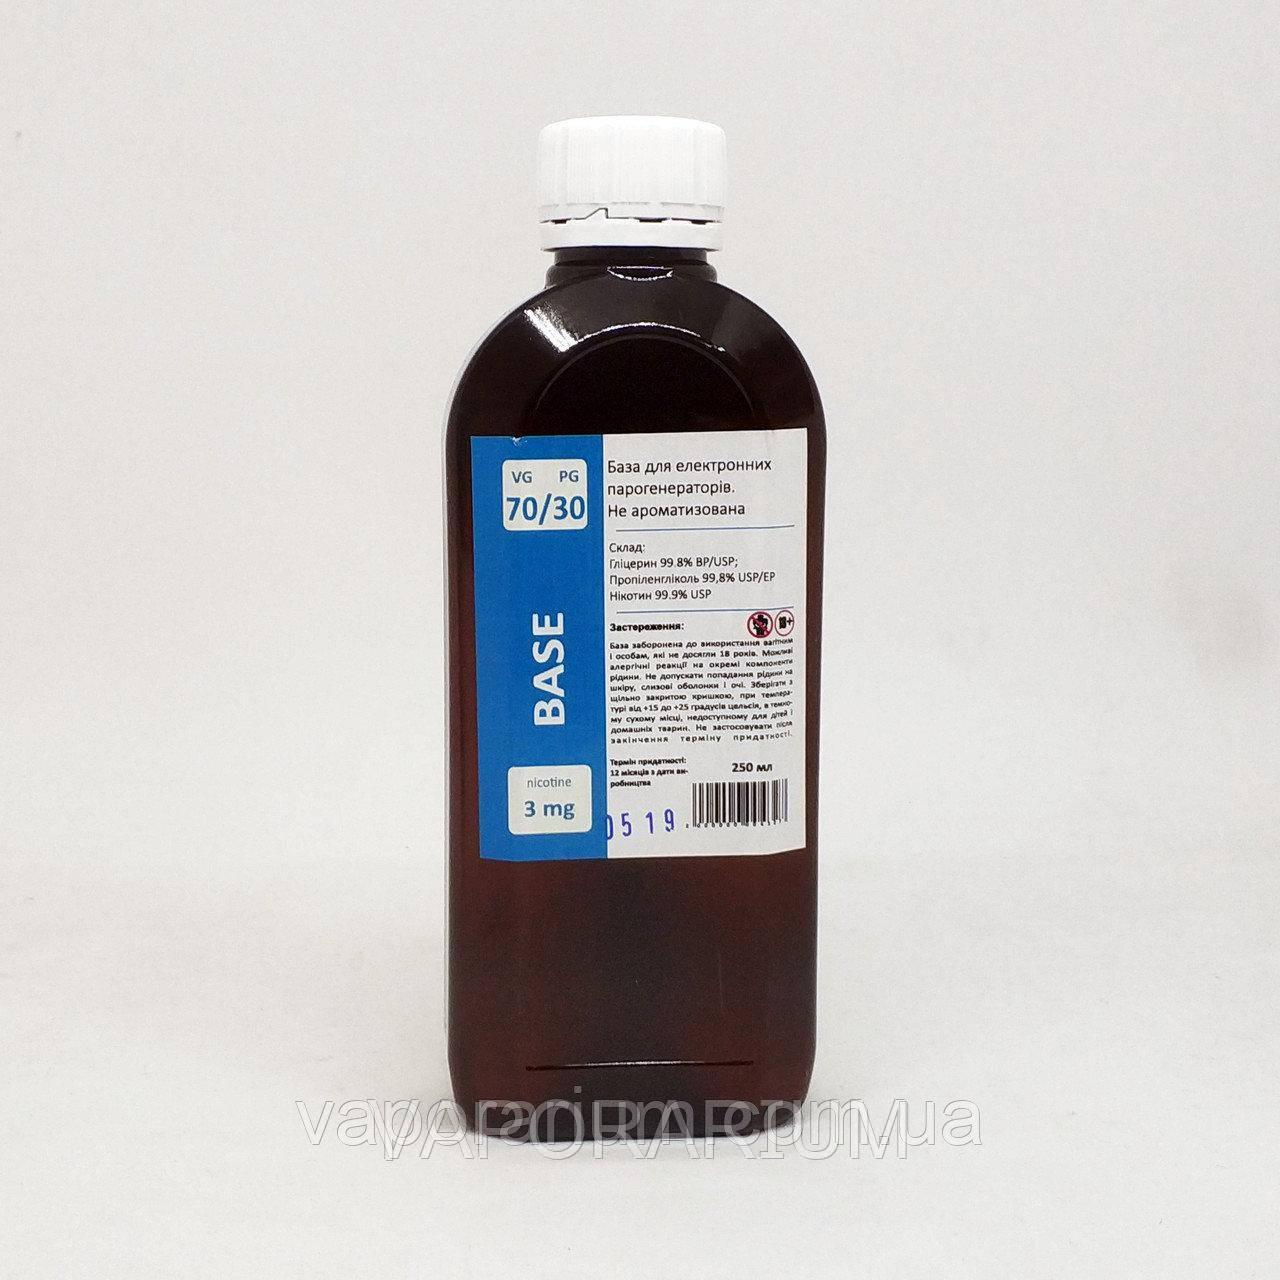 Жидкость-база для электронных сигарет 3 мг 70/30 250 мл